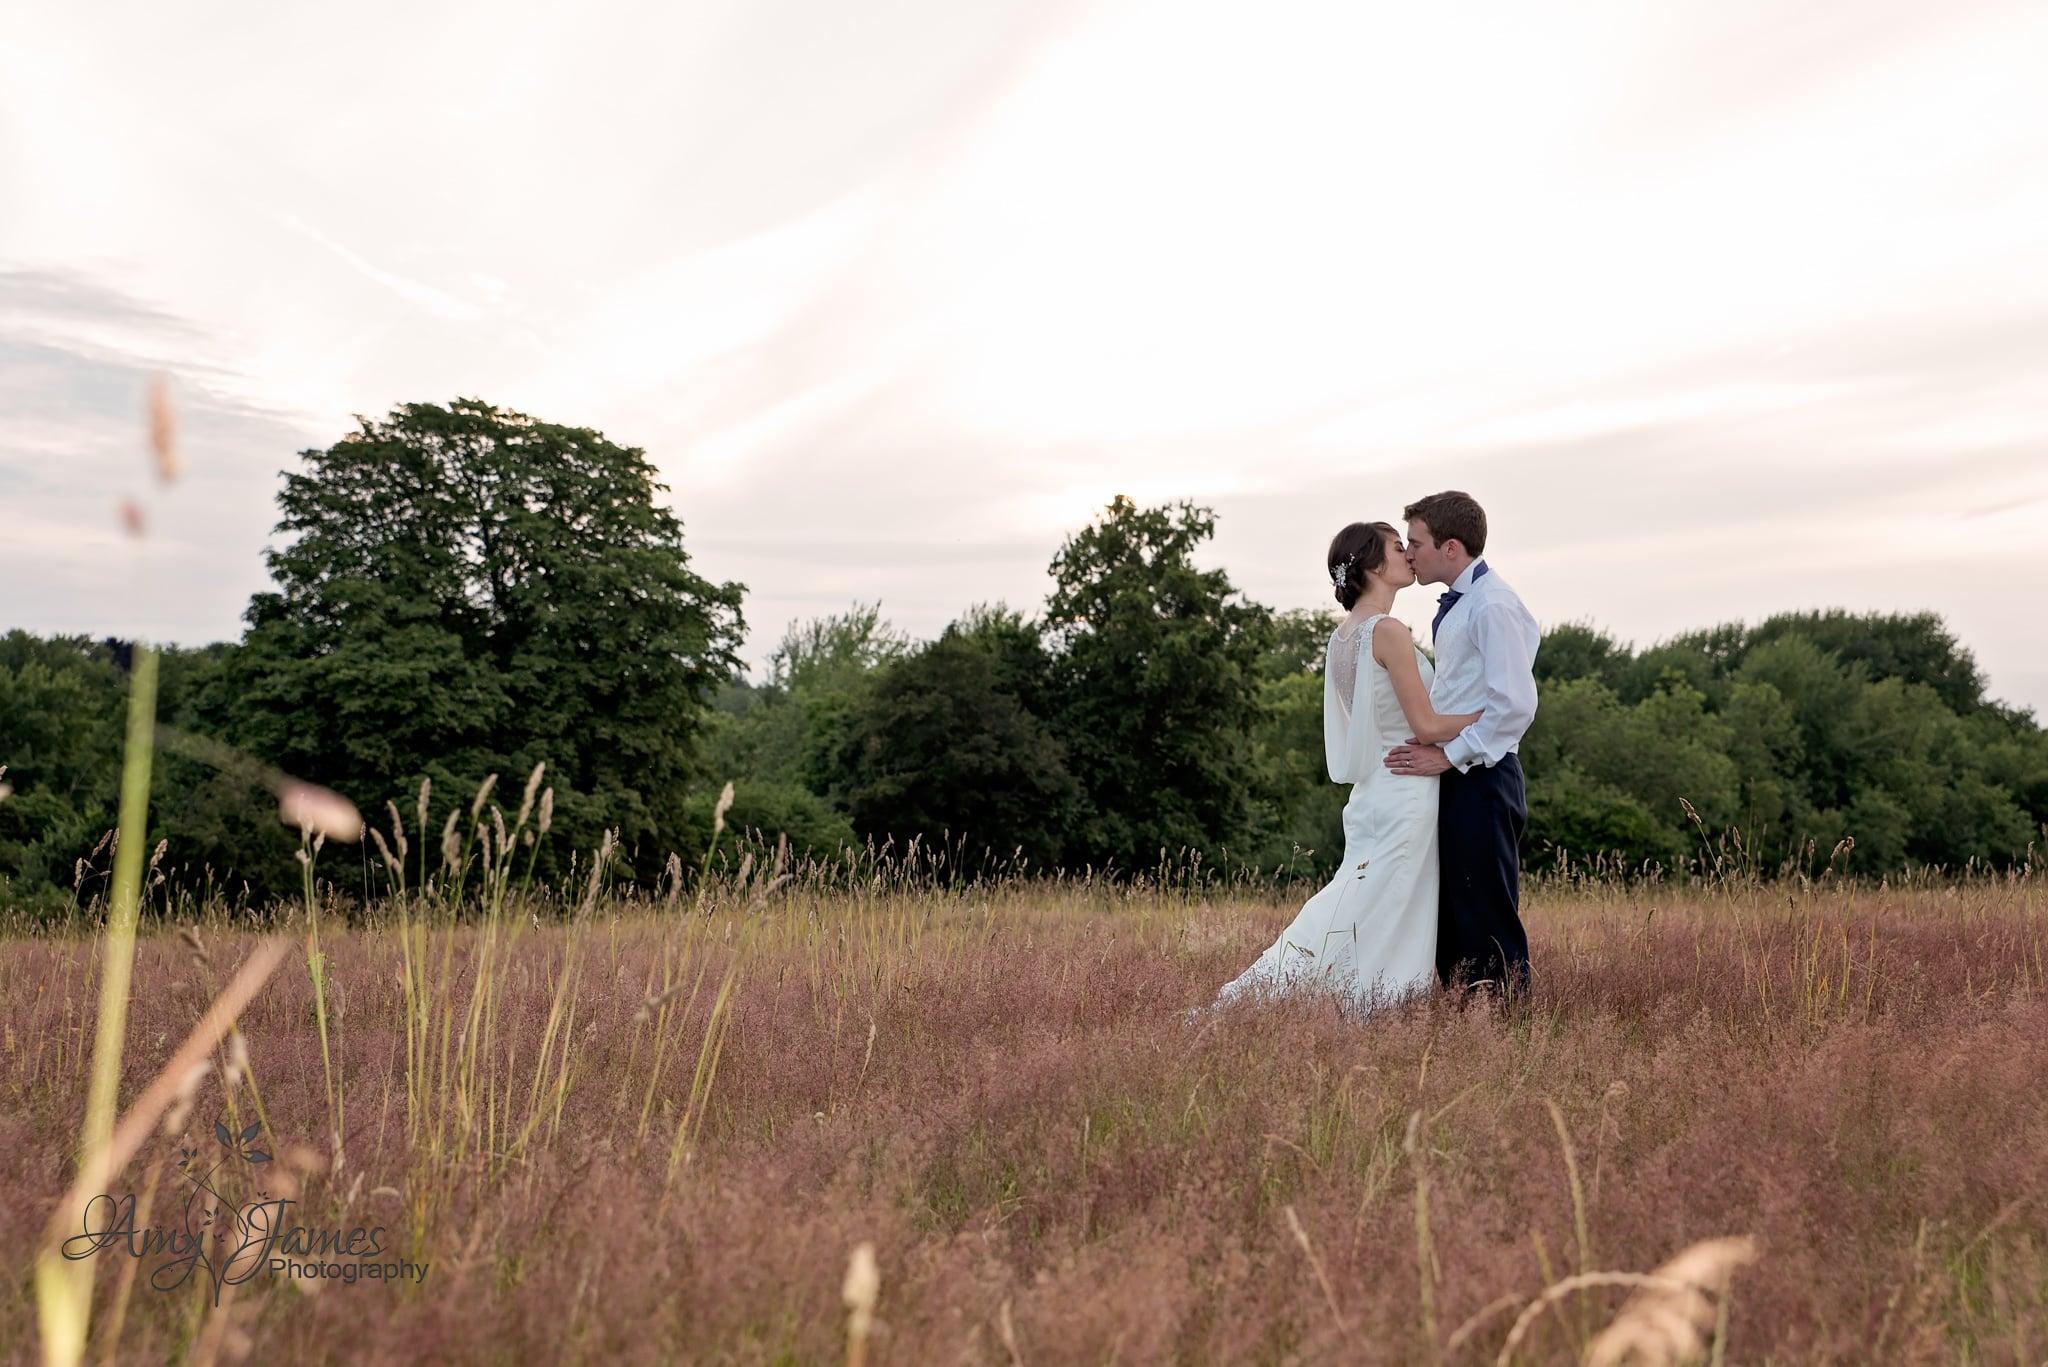 Hampshire wedding photographer / Fleet wedding photographer / Barn wedding